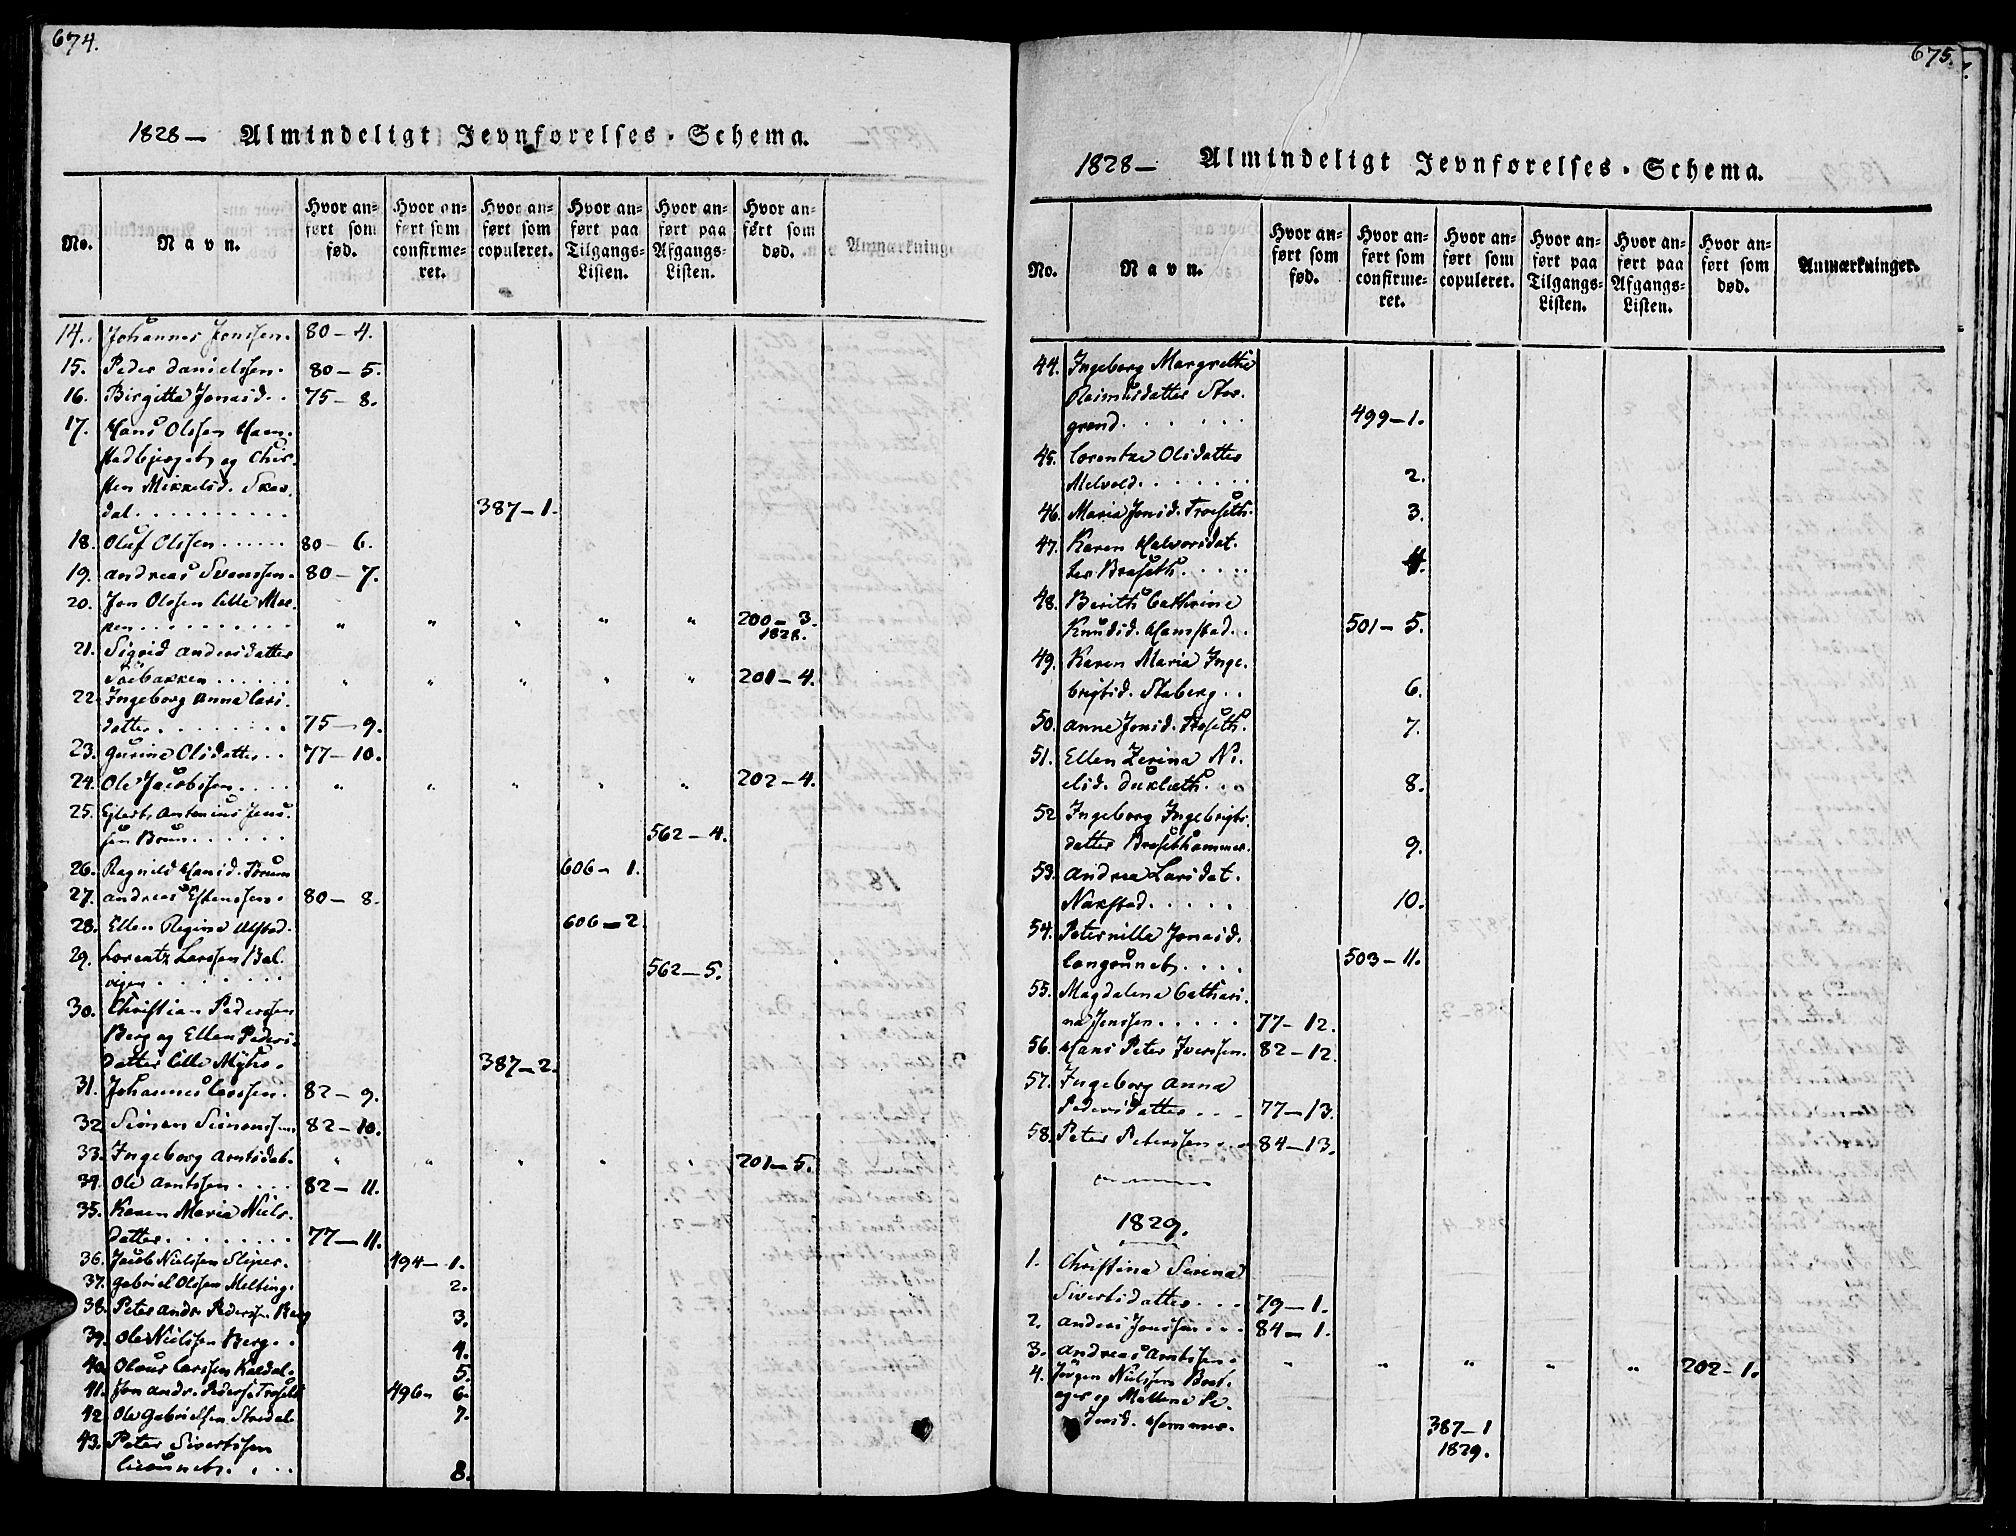 SAT, Ministerialprotokoller, klokkerbøker og fødselsregistre - Nord-Trøndelag, 733/L0322: Ministerialbok nr. 733A01, 1817-1842, s. 674-675